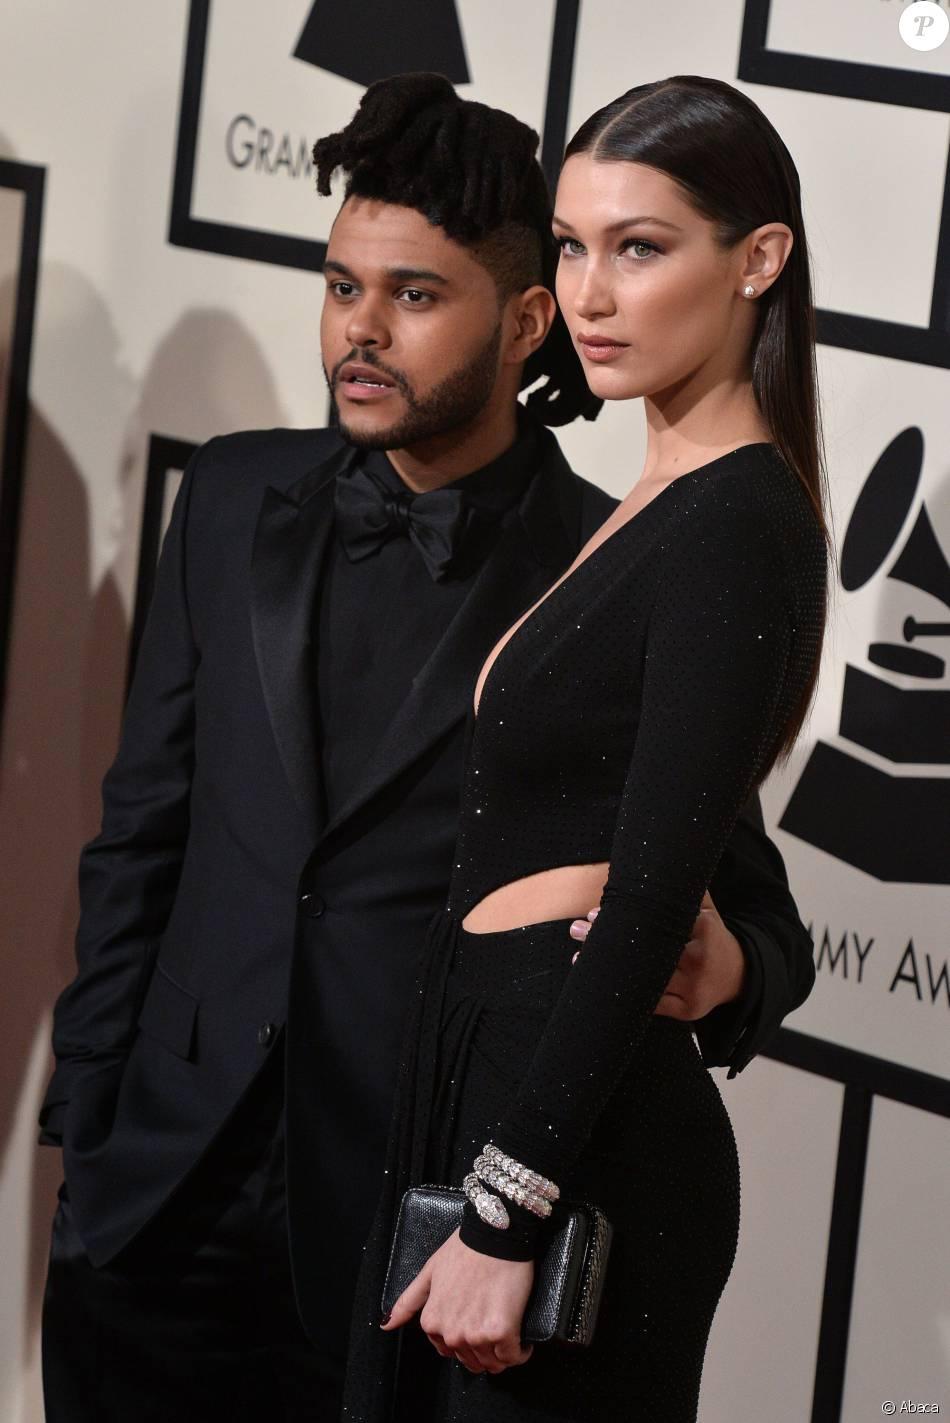 The Weeknd et sa compagne Bella Hadid ont fait leur première apparition officielle en couple sur le tapis rouge des Grammy Awards le 15 février 2016